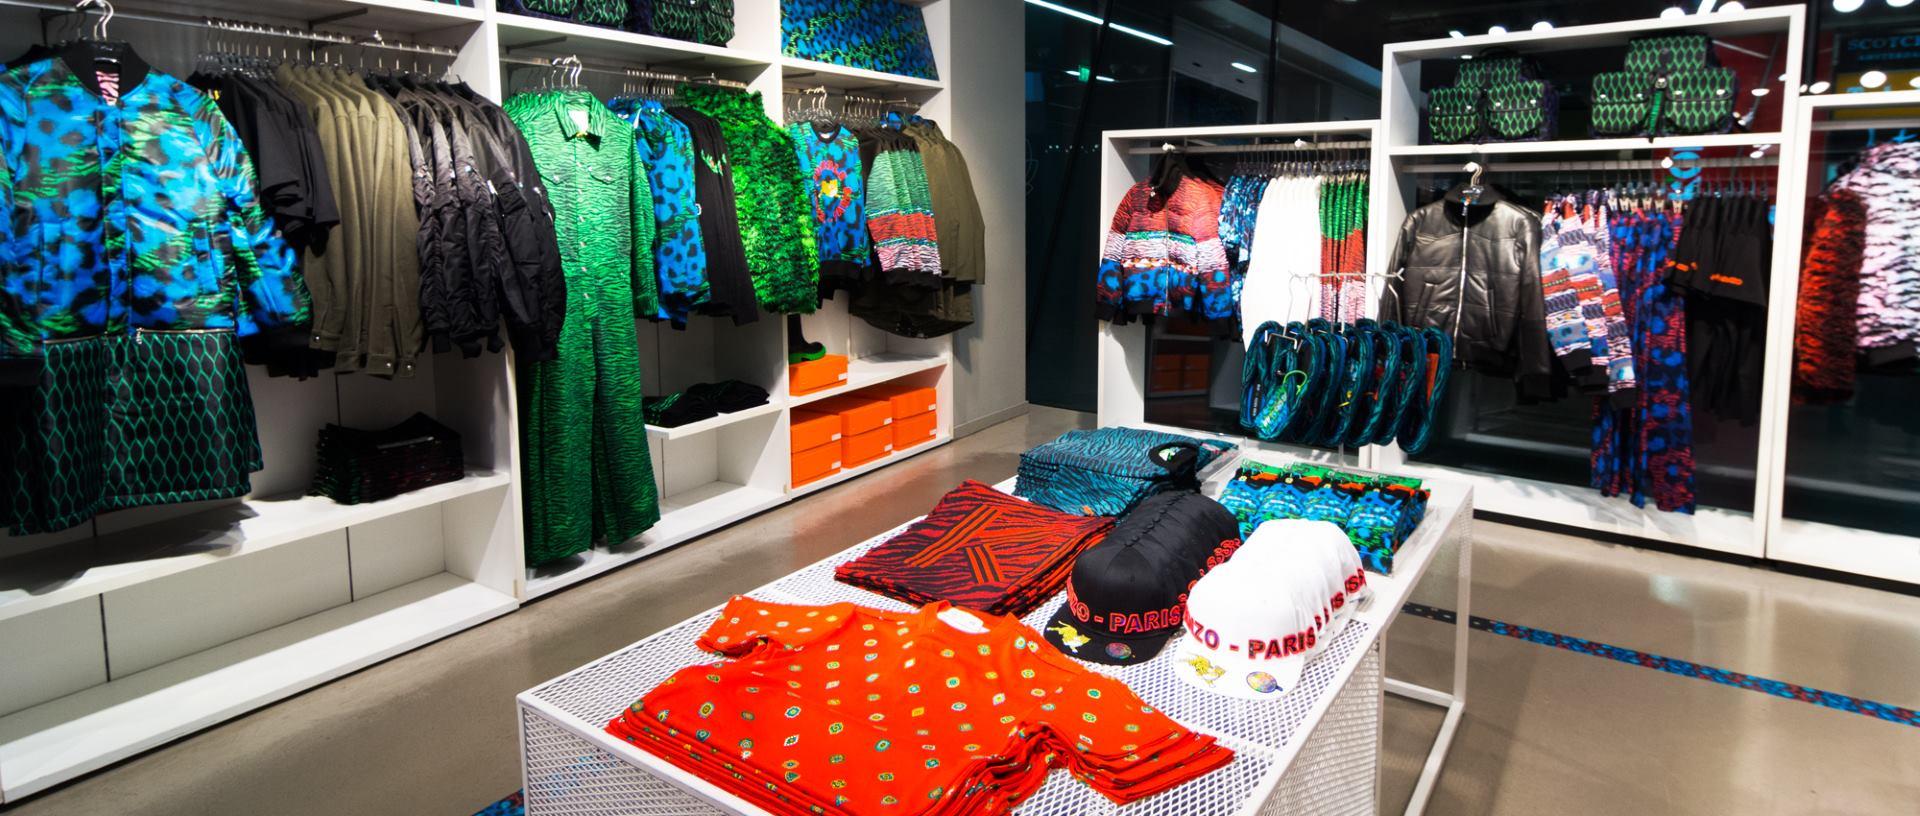 Južnoafrikaci pljačkaju trgovine H&M-a